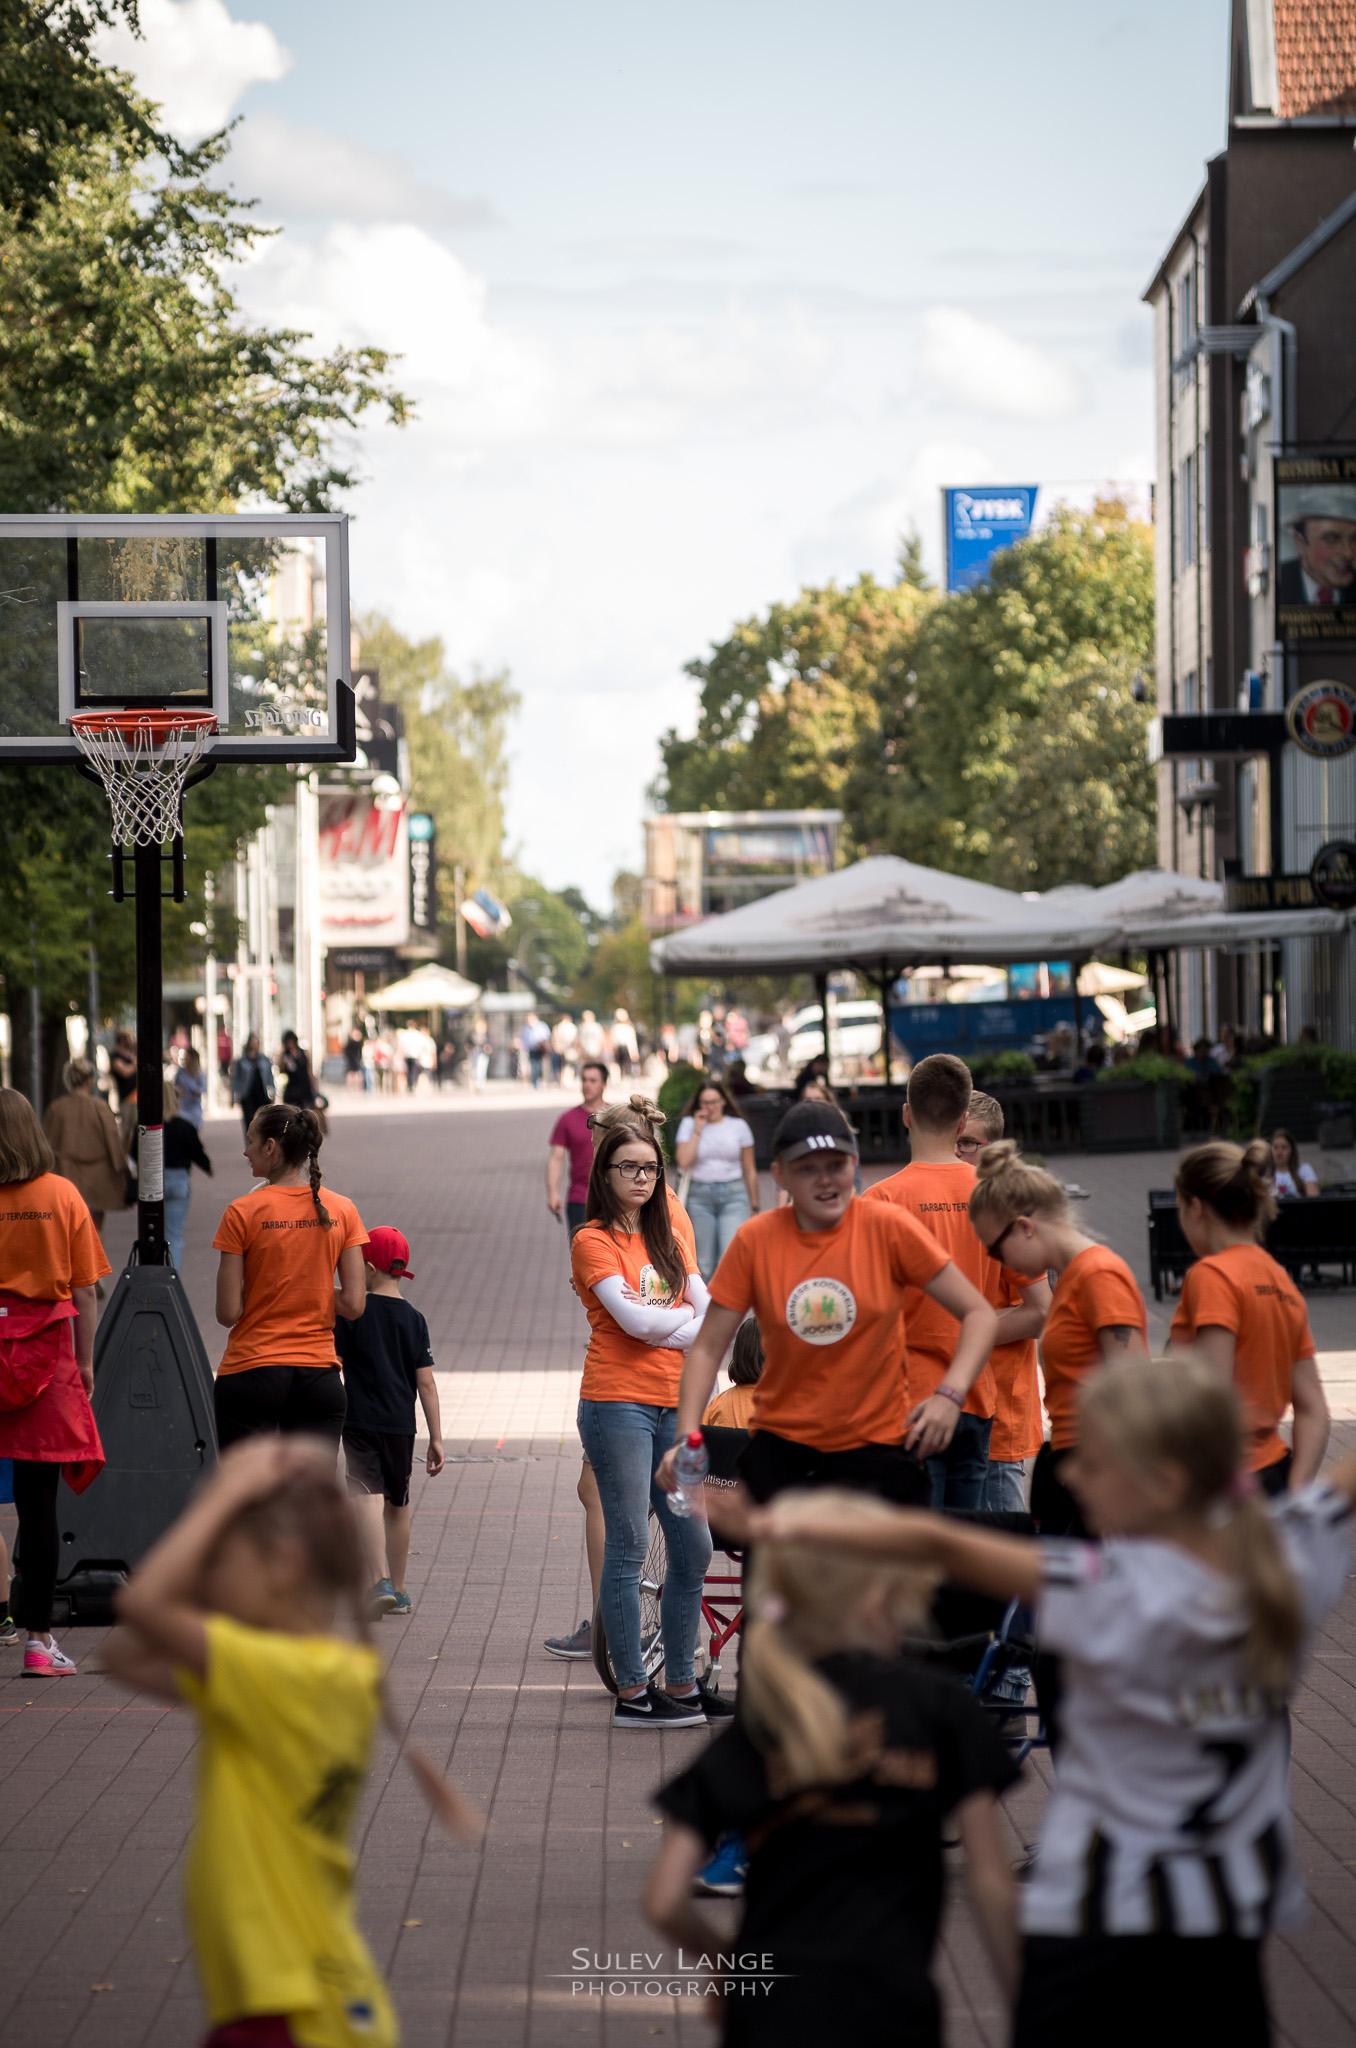 Esimese koolikella jooks 2018 fotograaf Sulev Lange